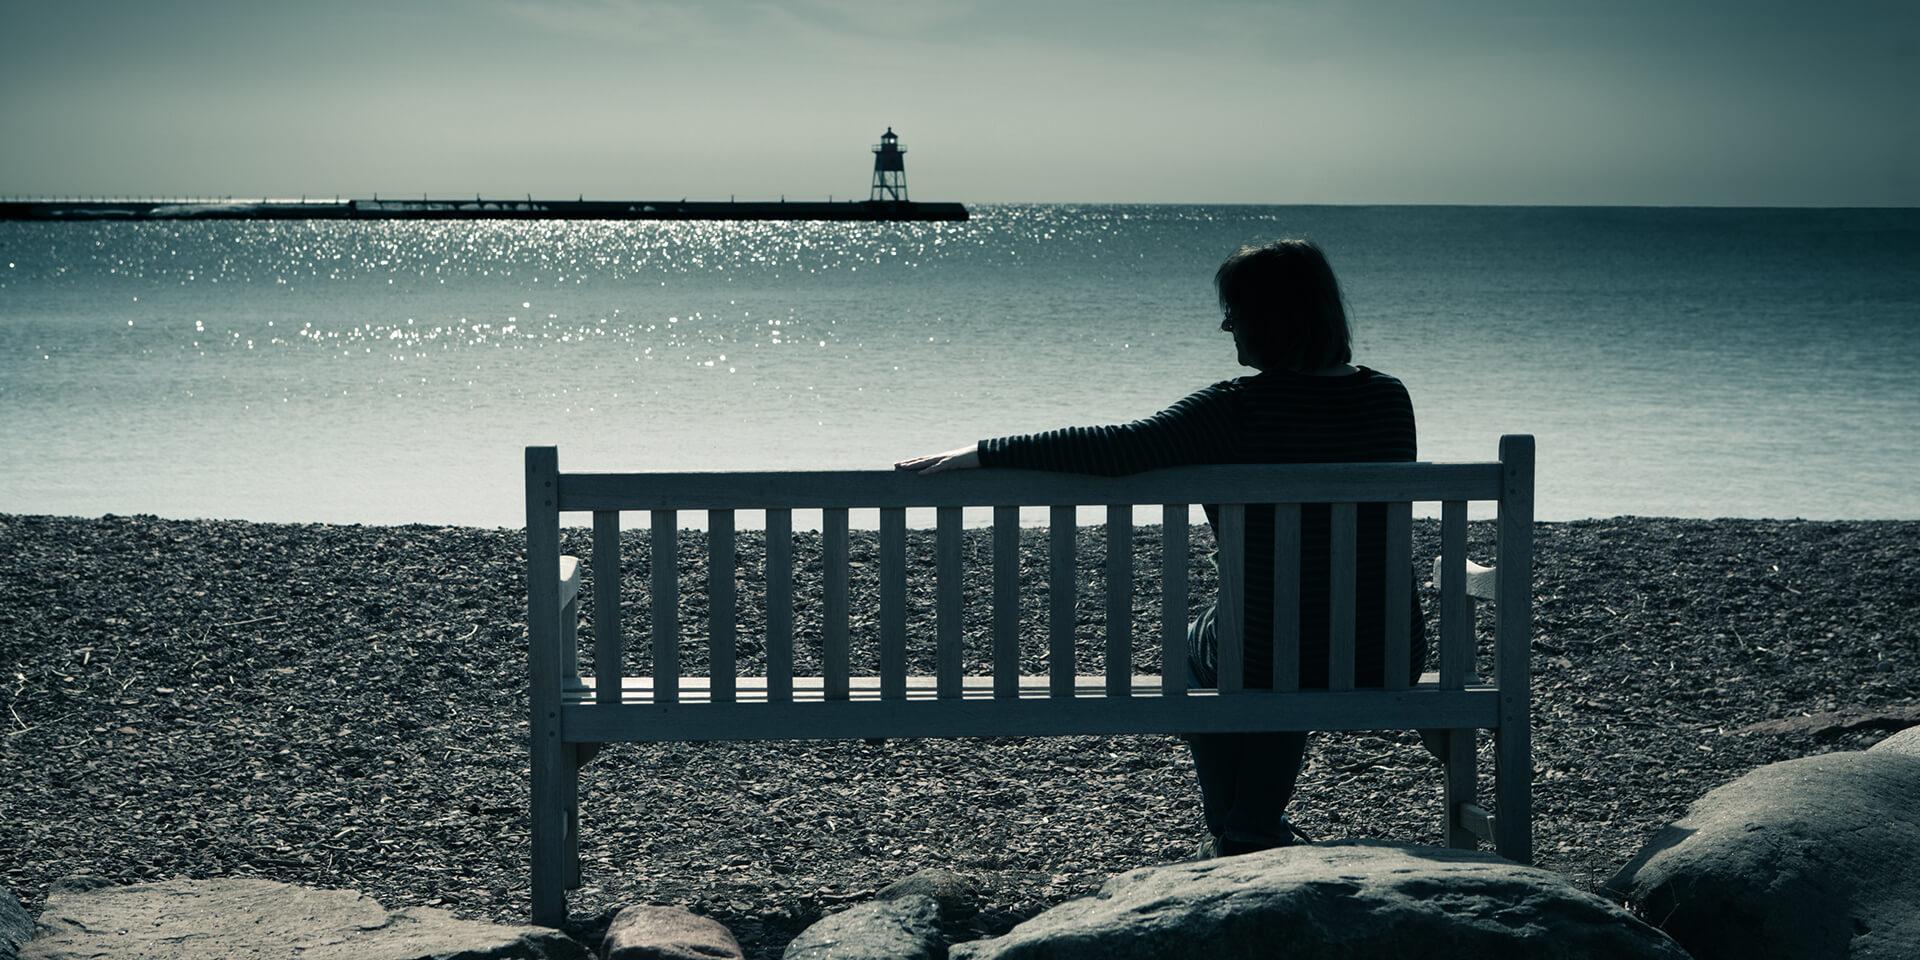 Frau auf einer Bank am Meer